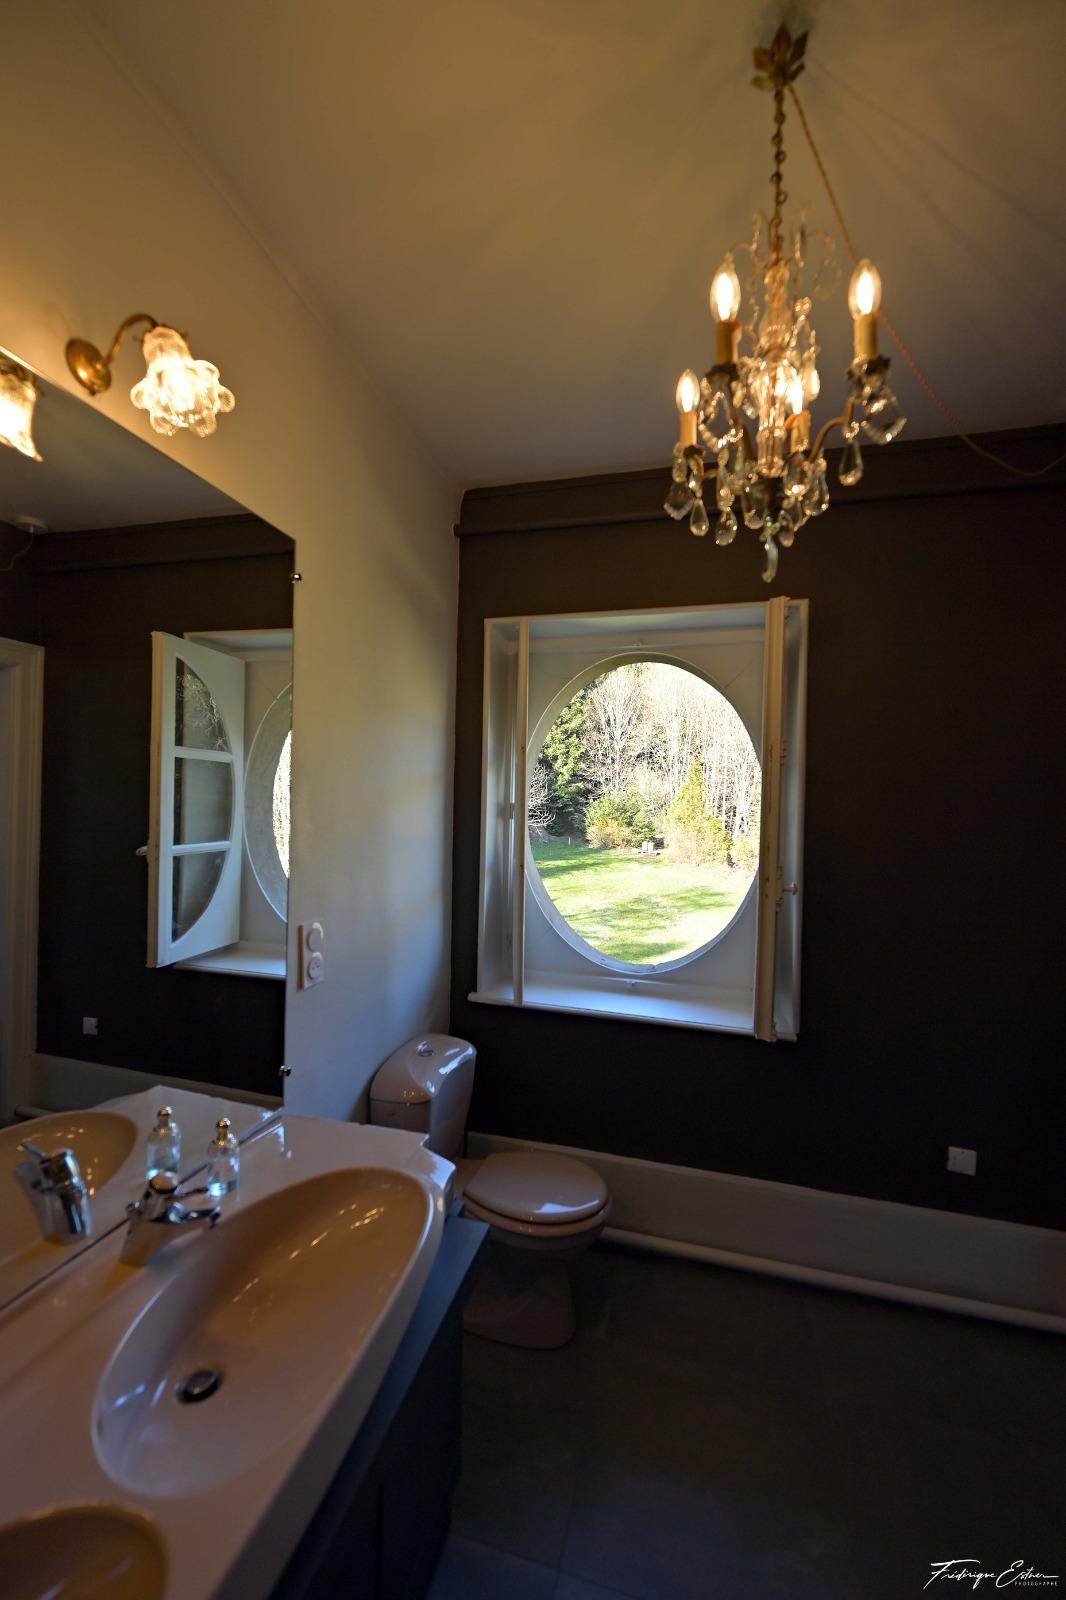 lavabo et fenetre vue sur le terrain extérieur